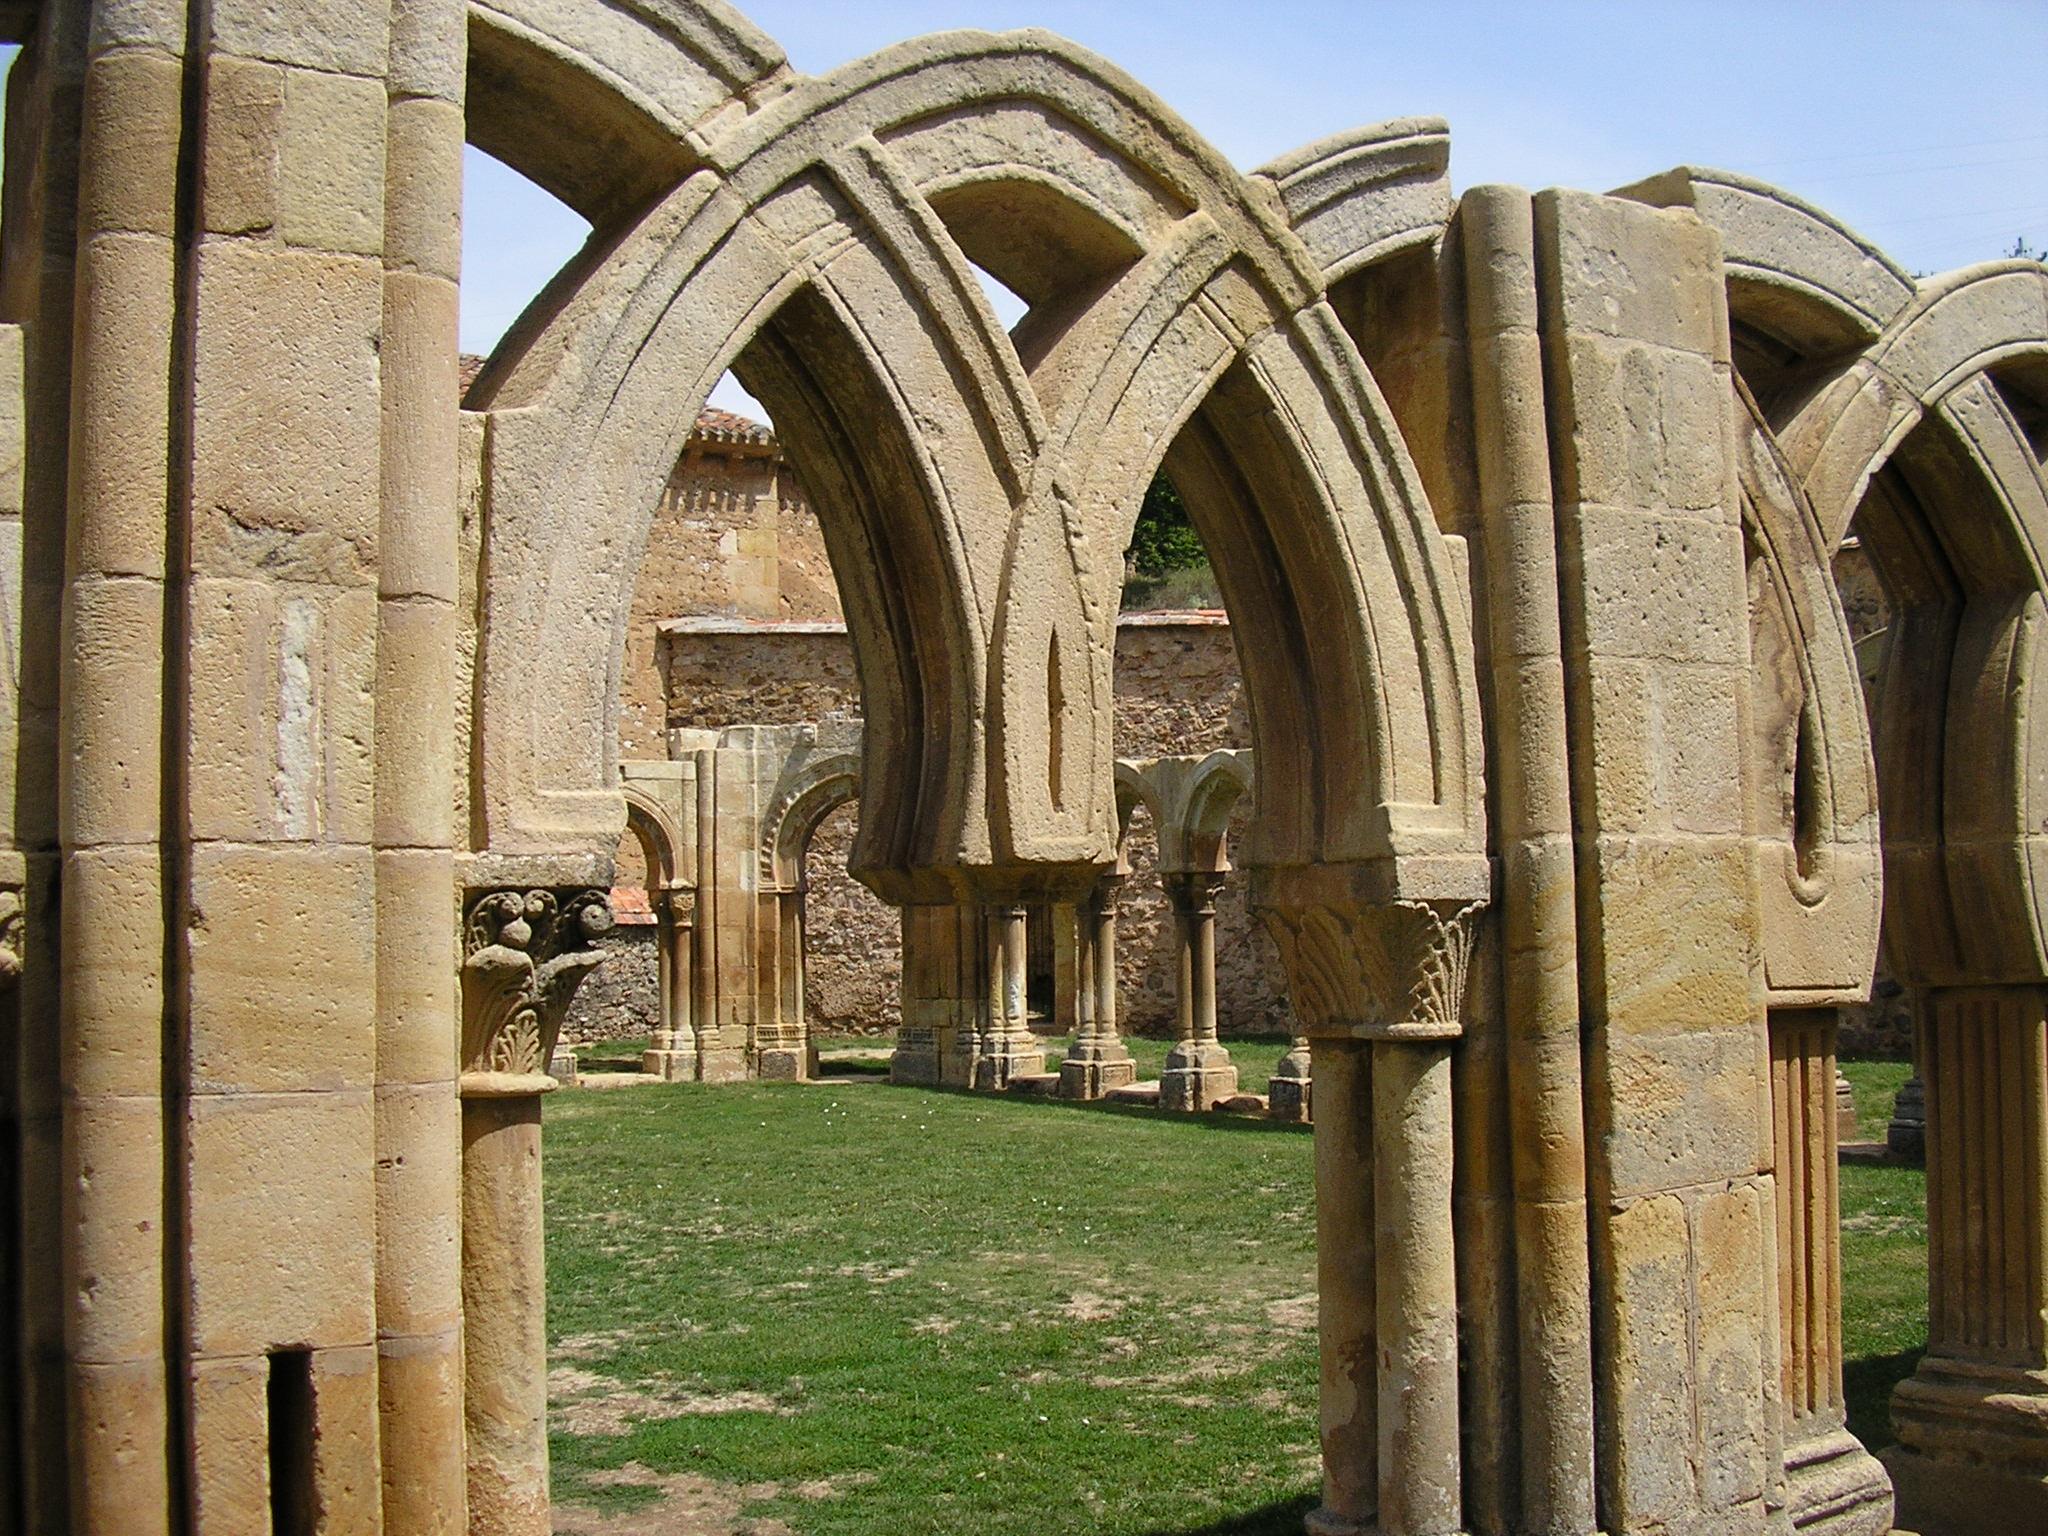 File:Monasterio de San Juan de Duero - Arcos 2.jpg - Wikimedia Commons